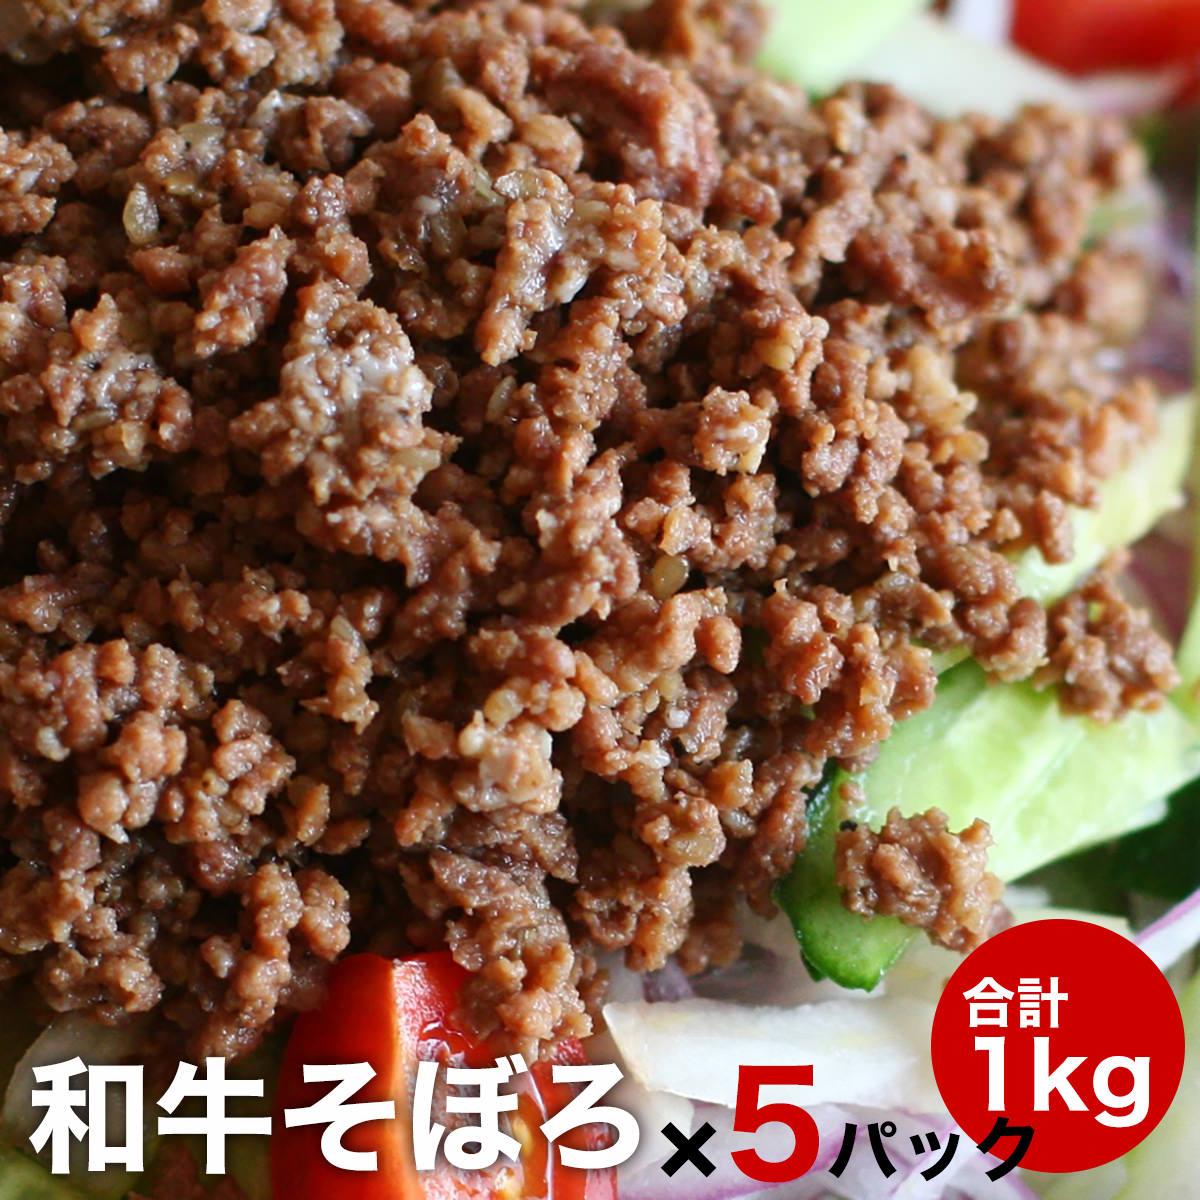 勝光治のおすすめ 和牛そぼろの肉200g×10パック